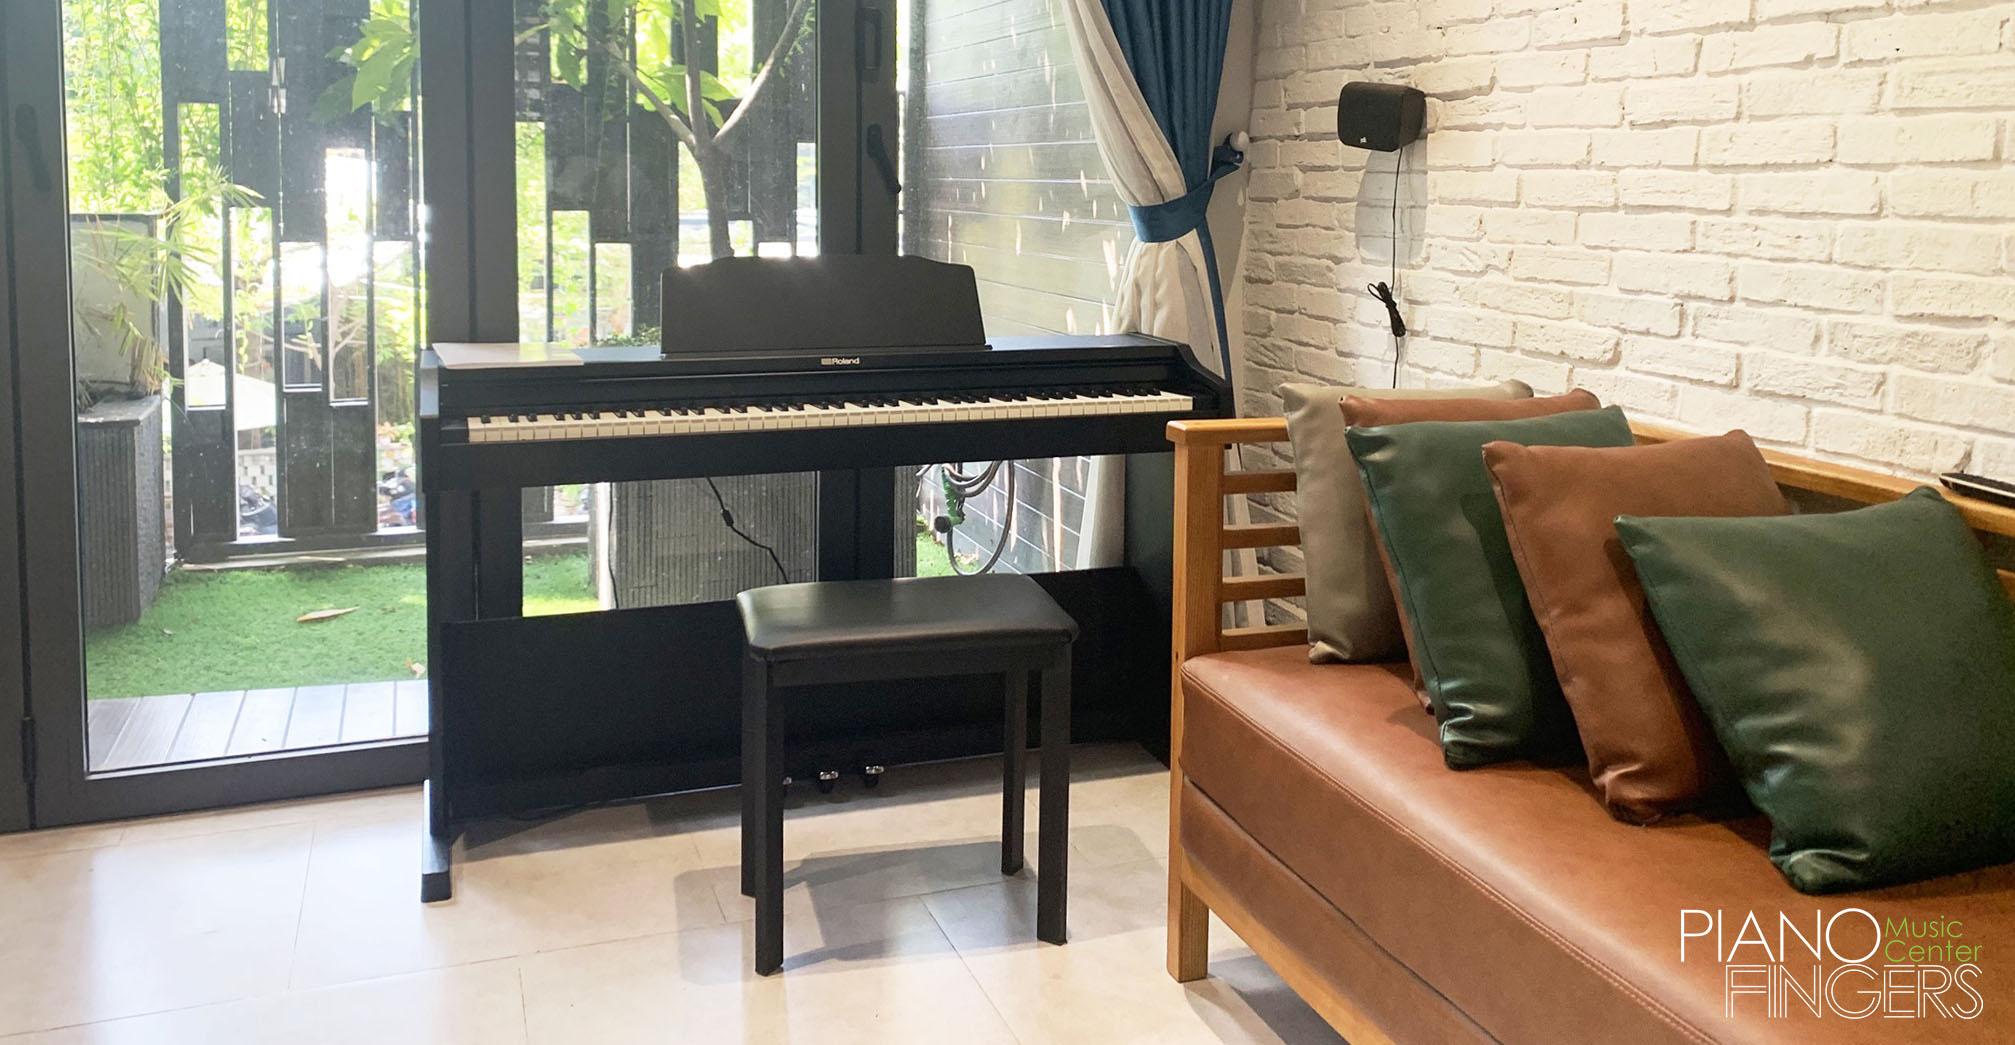 moi-hoc-nen-mua-dan-piano-dien-gia-bao-nhieu-roland-rp-102